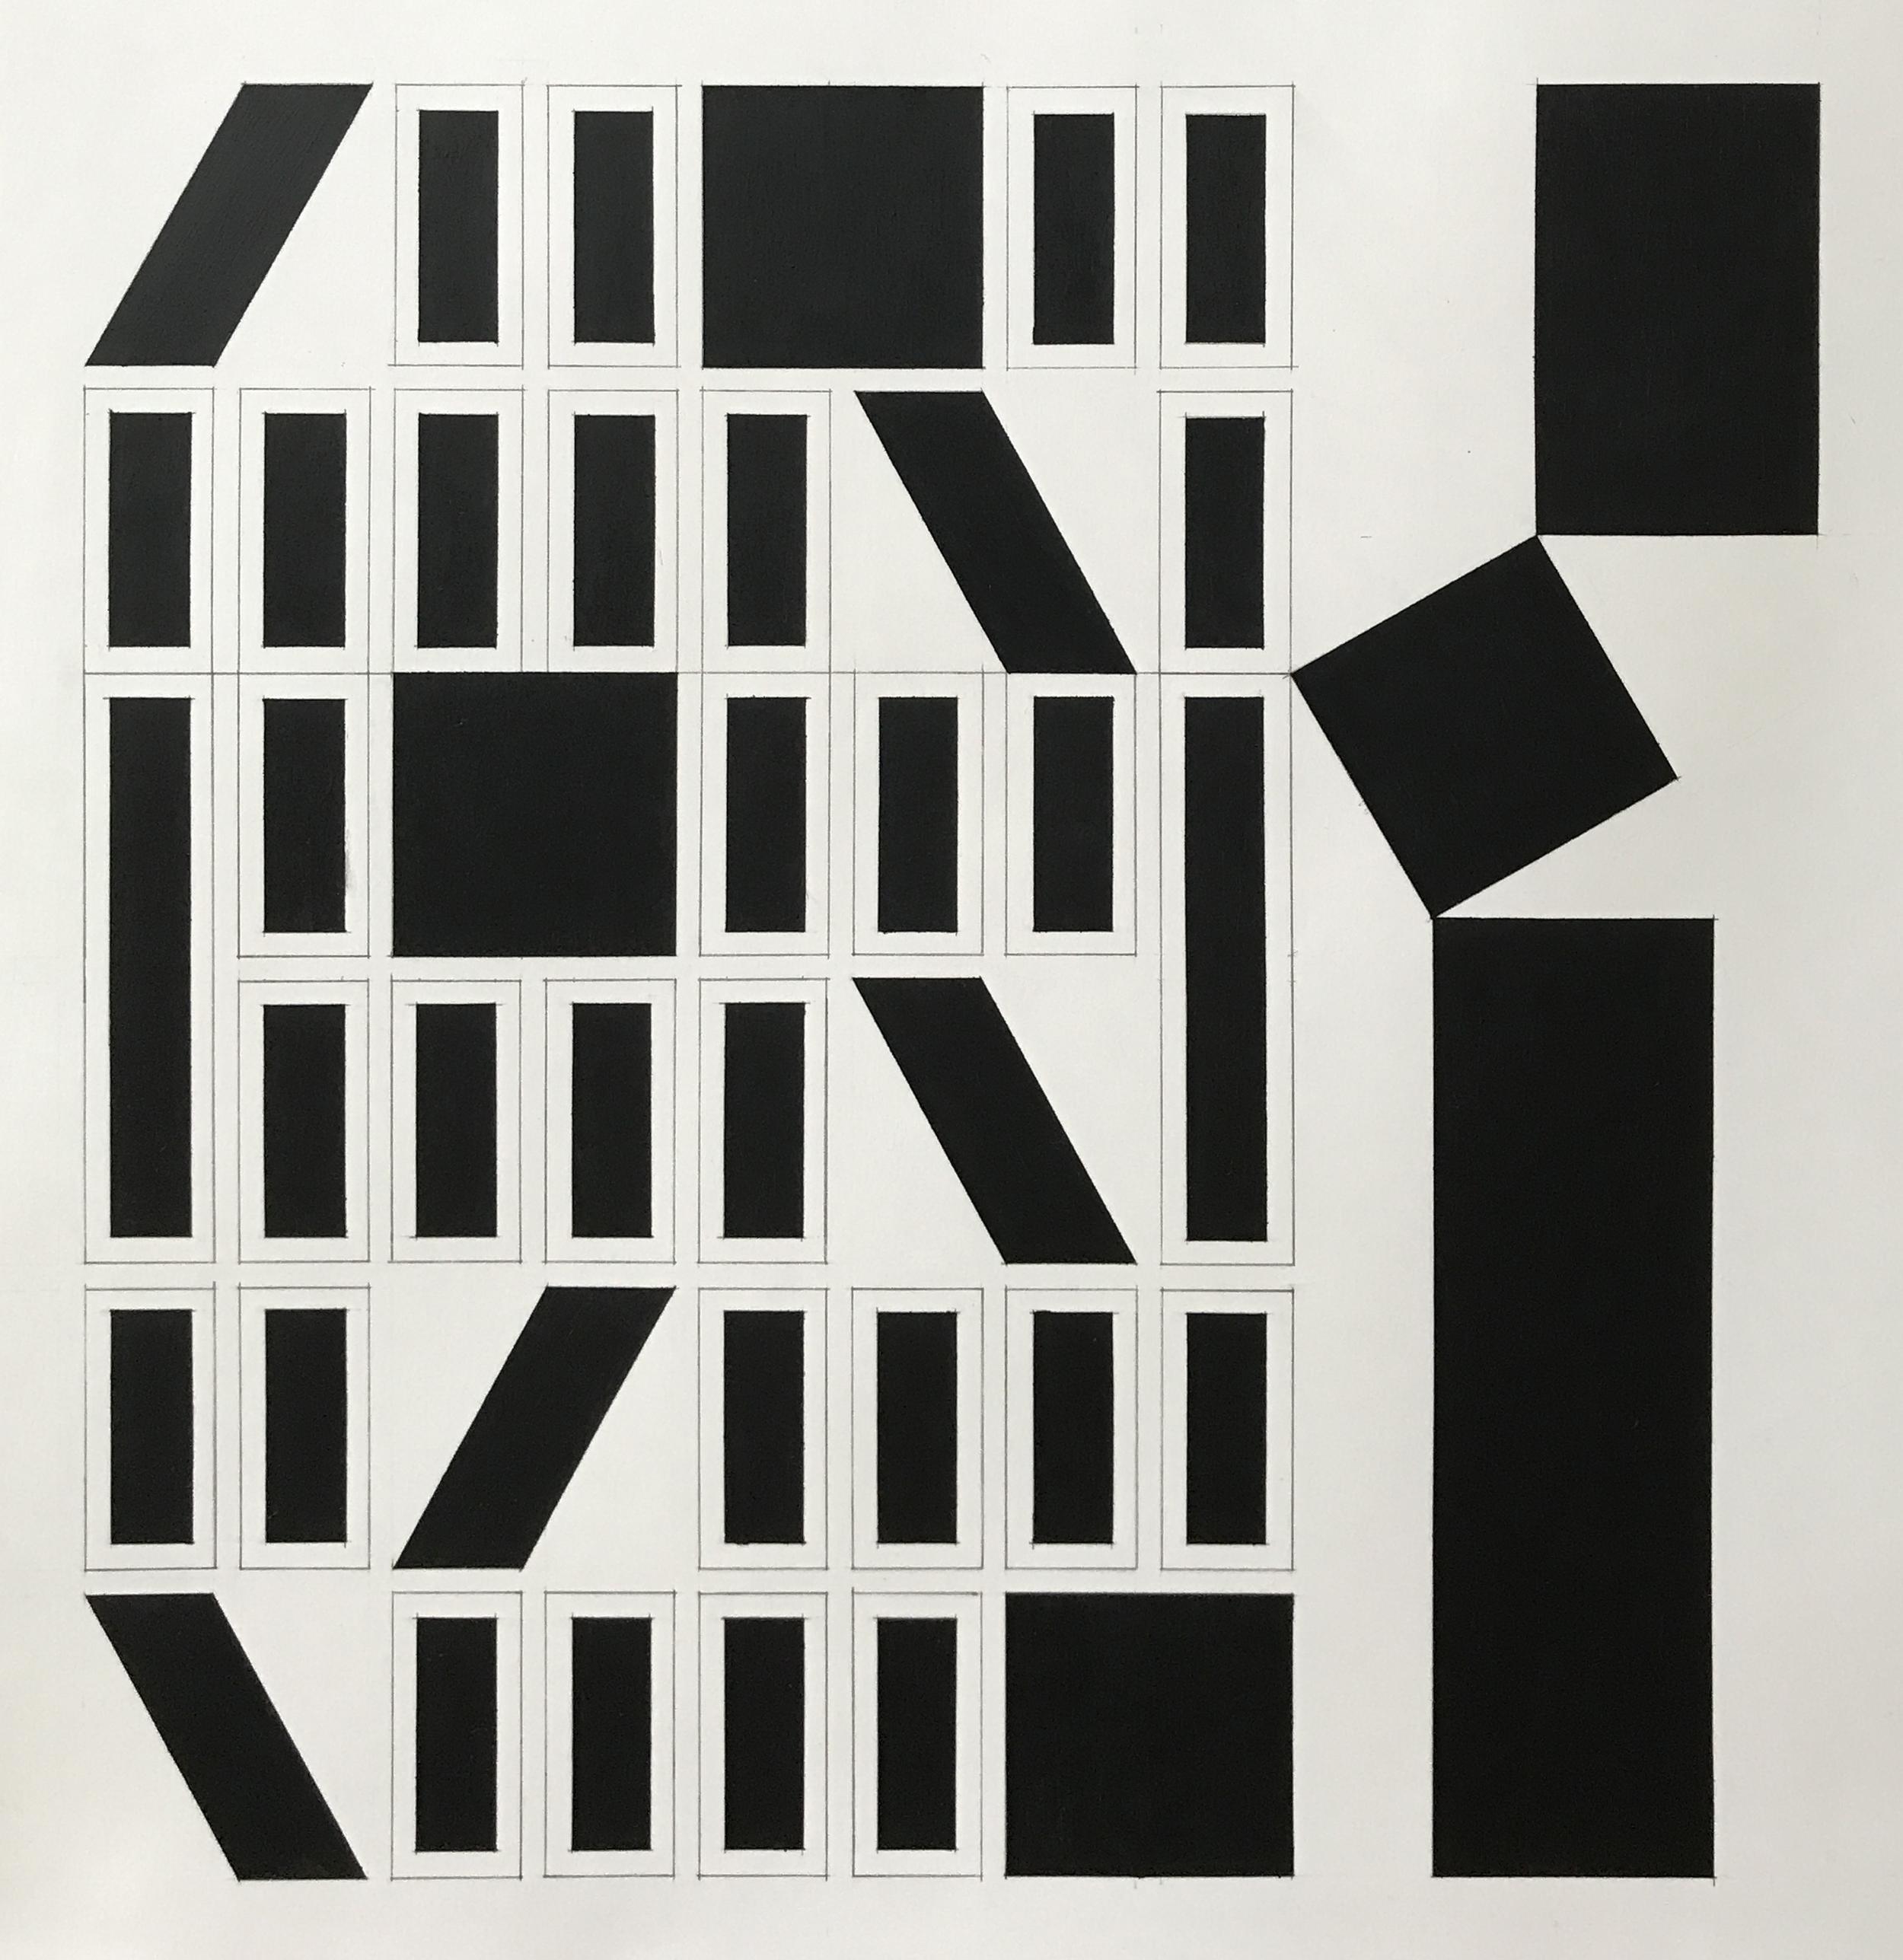 70x66 cm Blyant og oljepastell på papir 2018